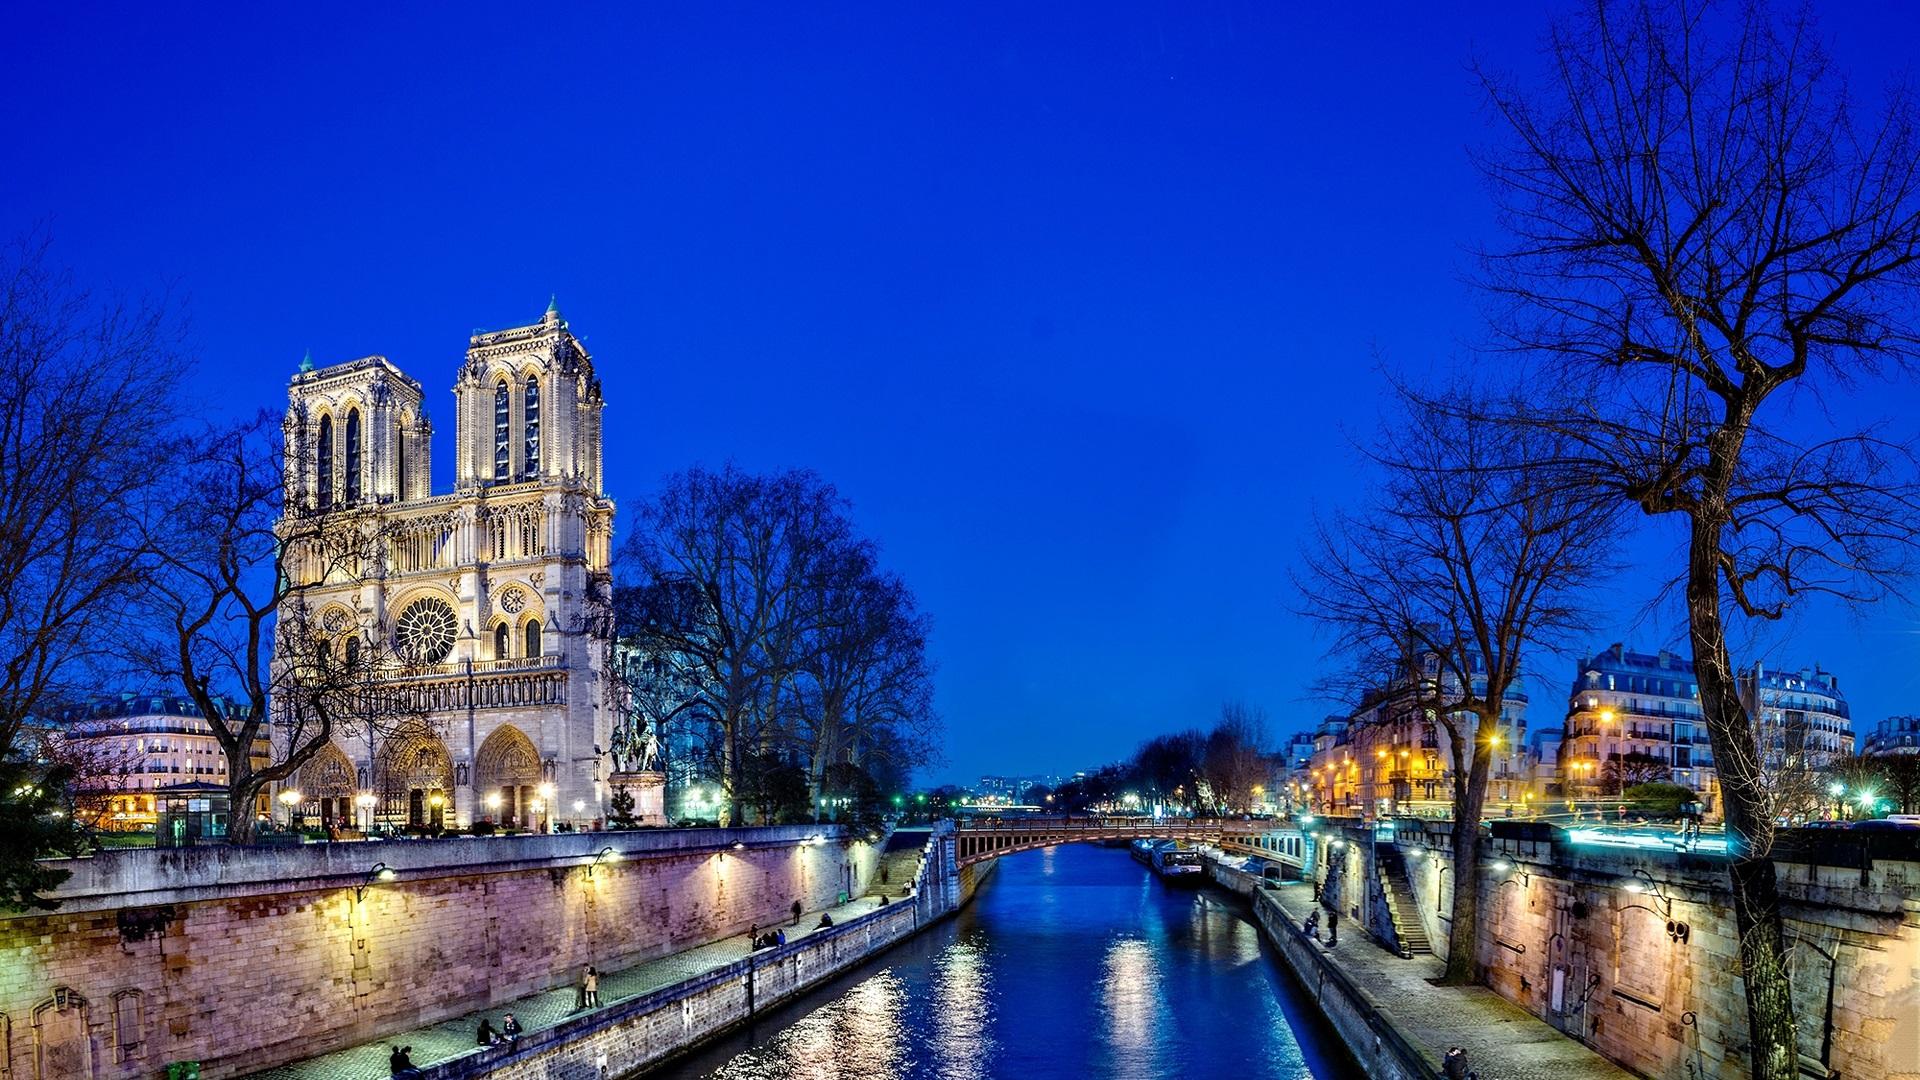 ノートルダム大聖堂 (パリ)の画像 p1_10